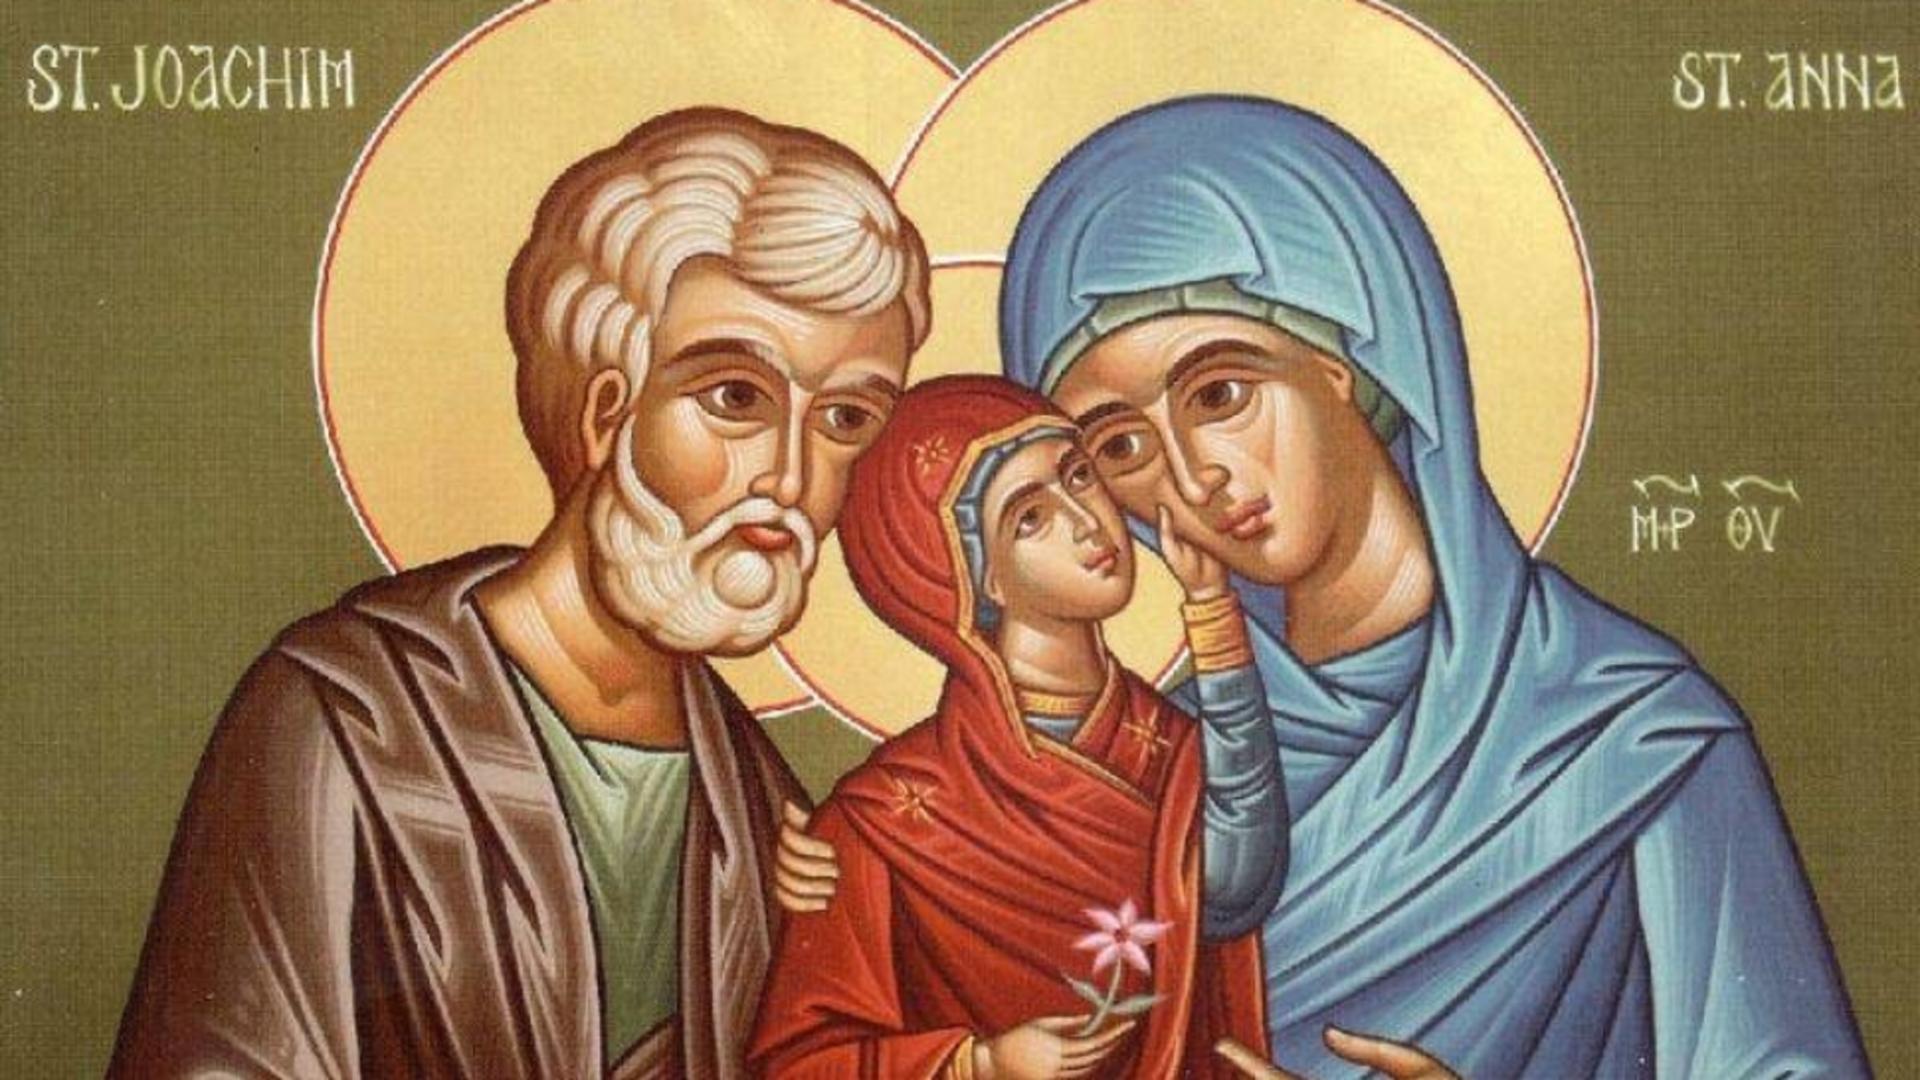 Sfinții Părinţi Ioachim şi Ana